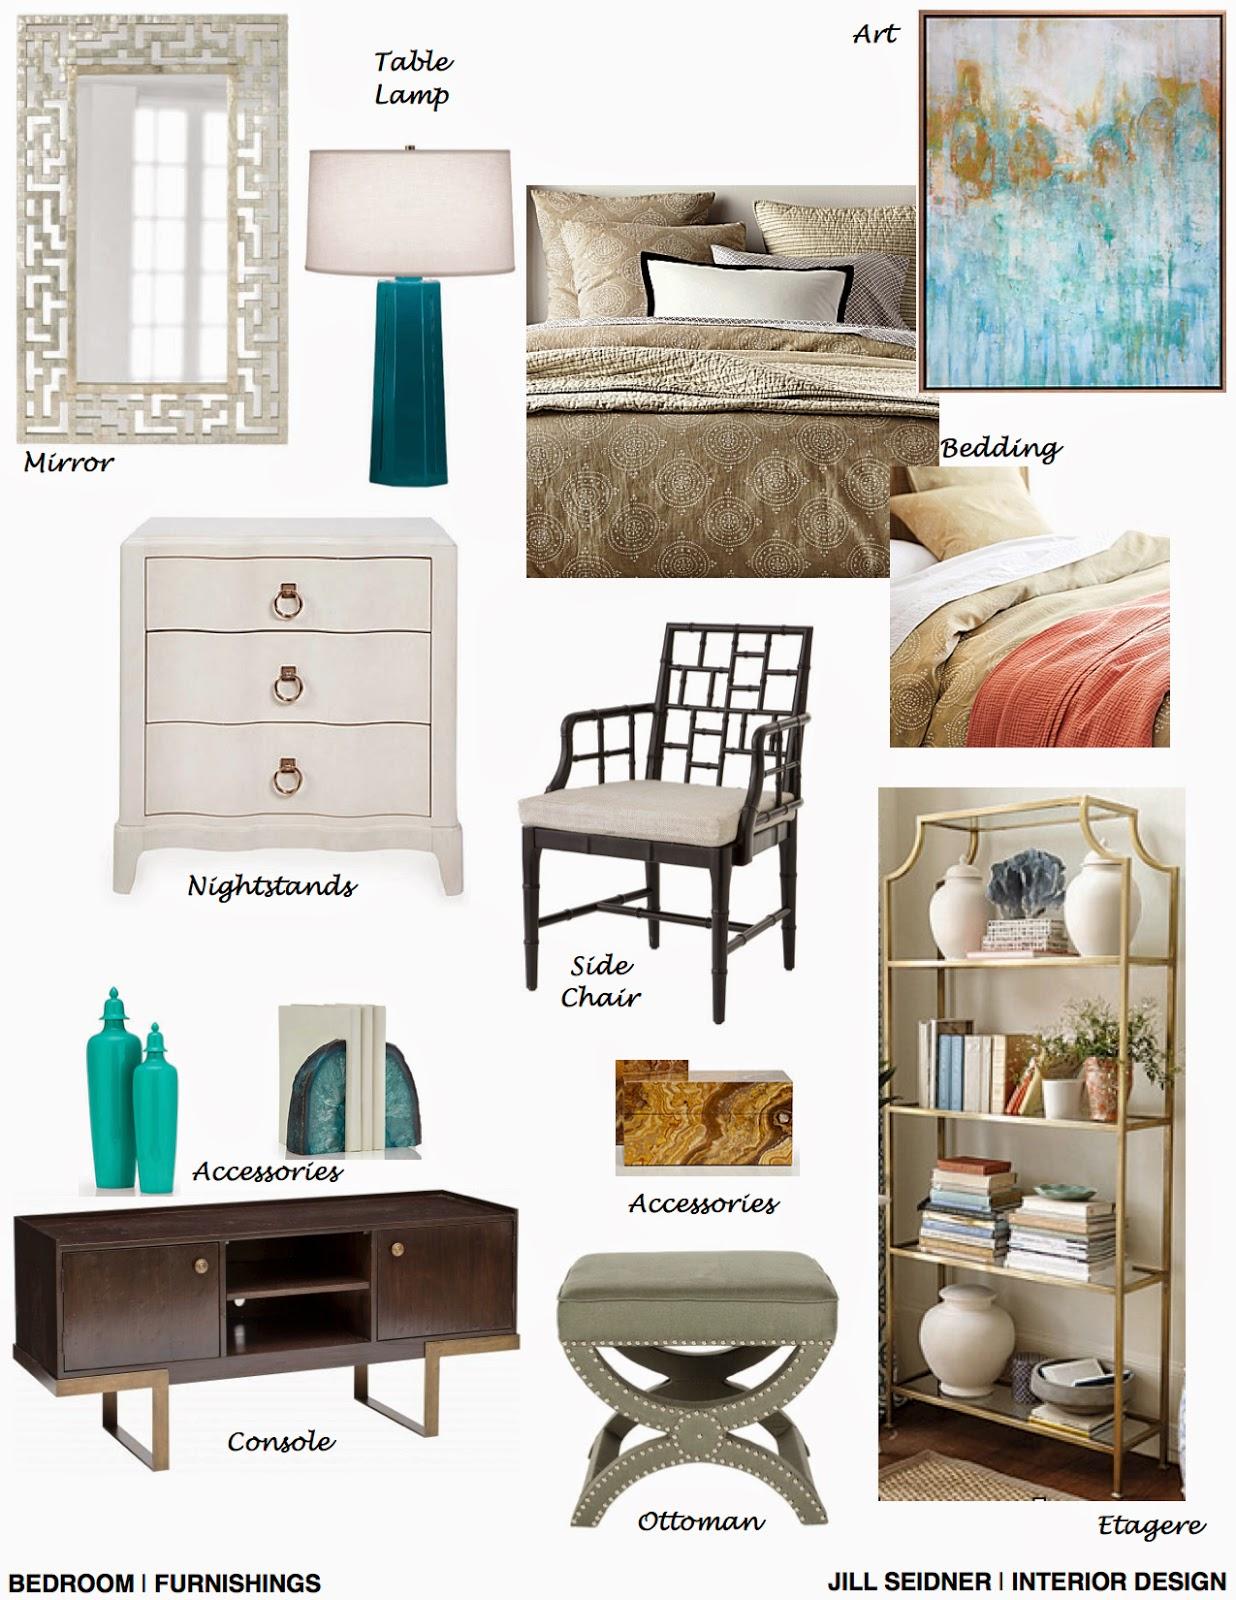 Jill seidner interior design concept boards for Interior design concept